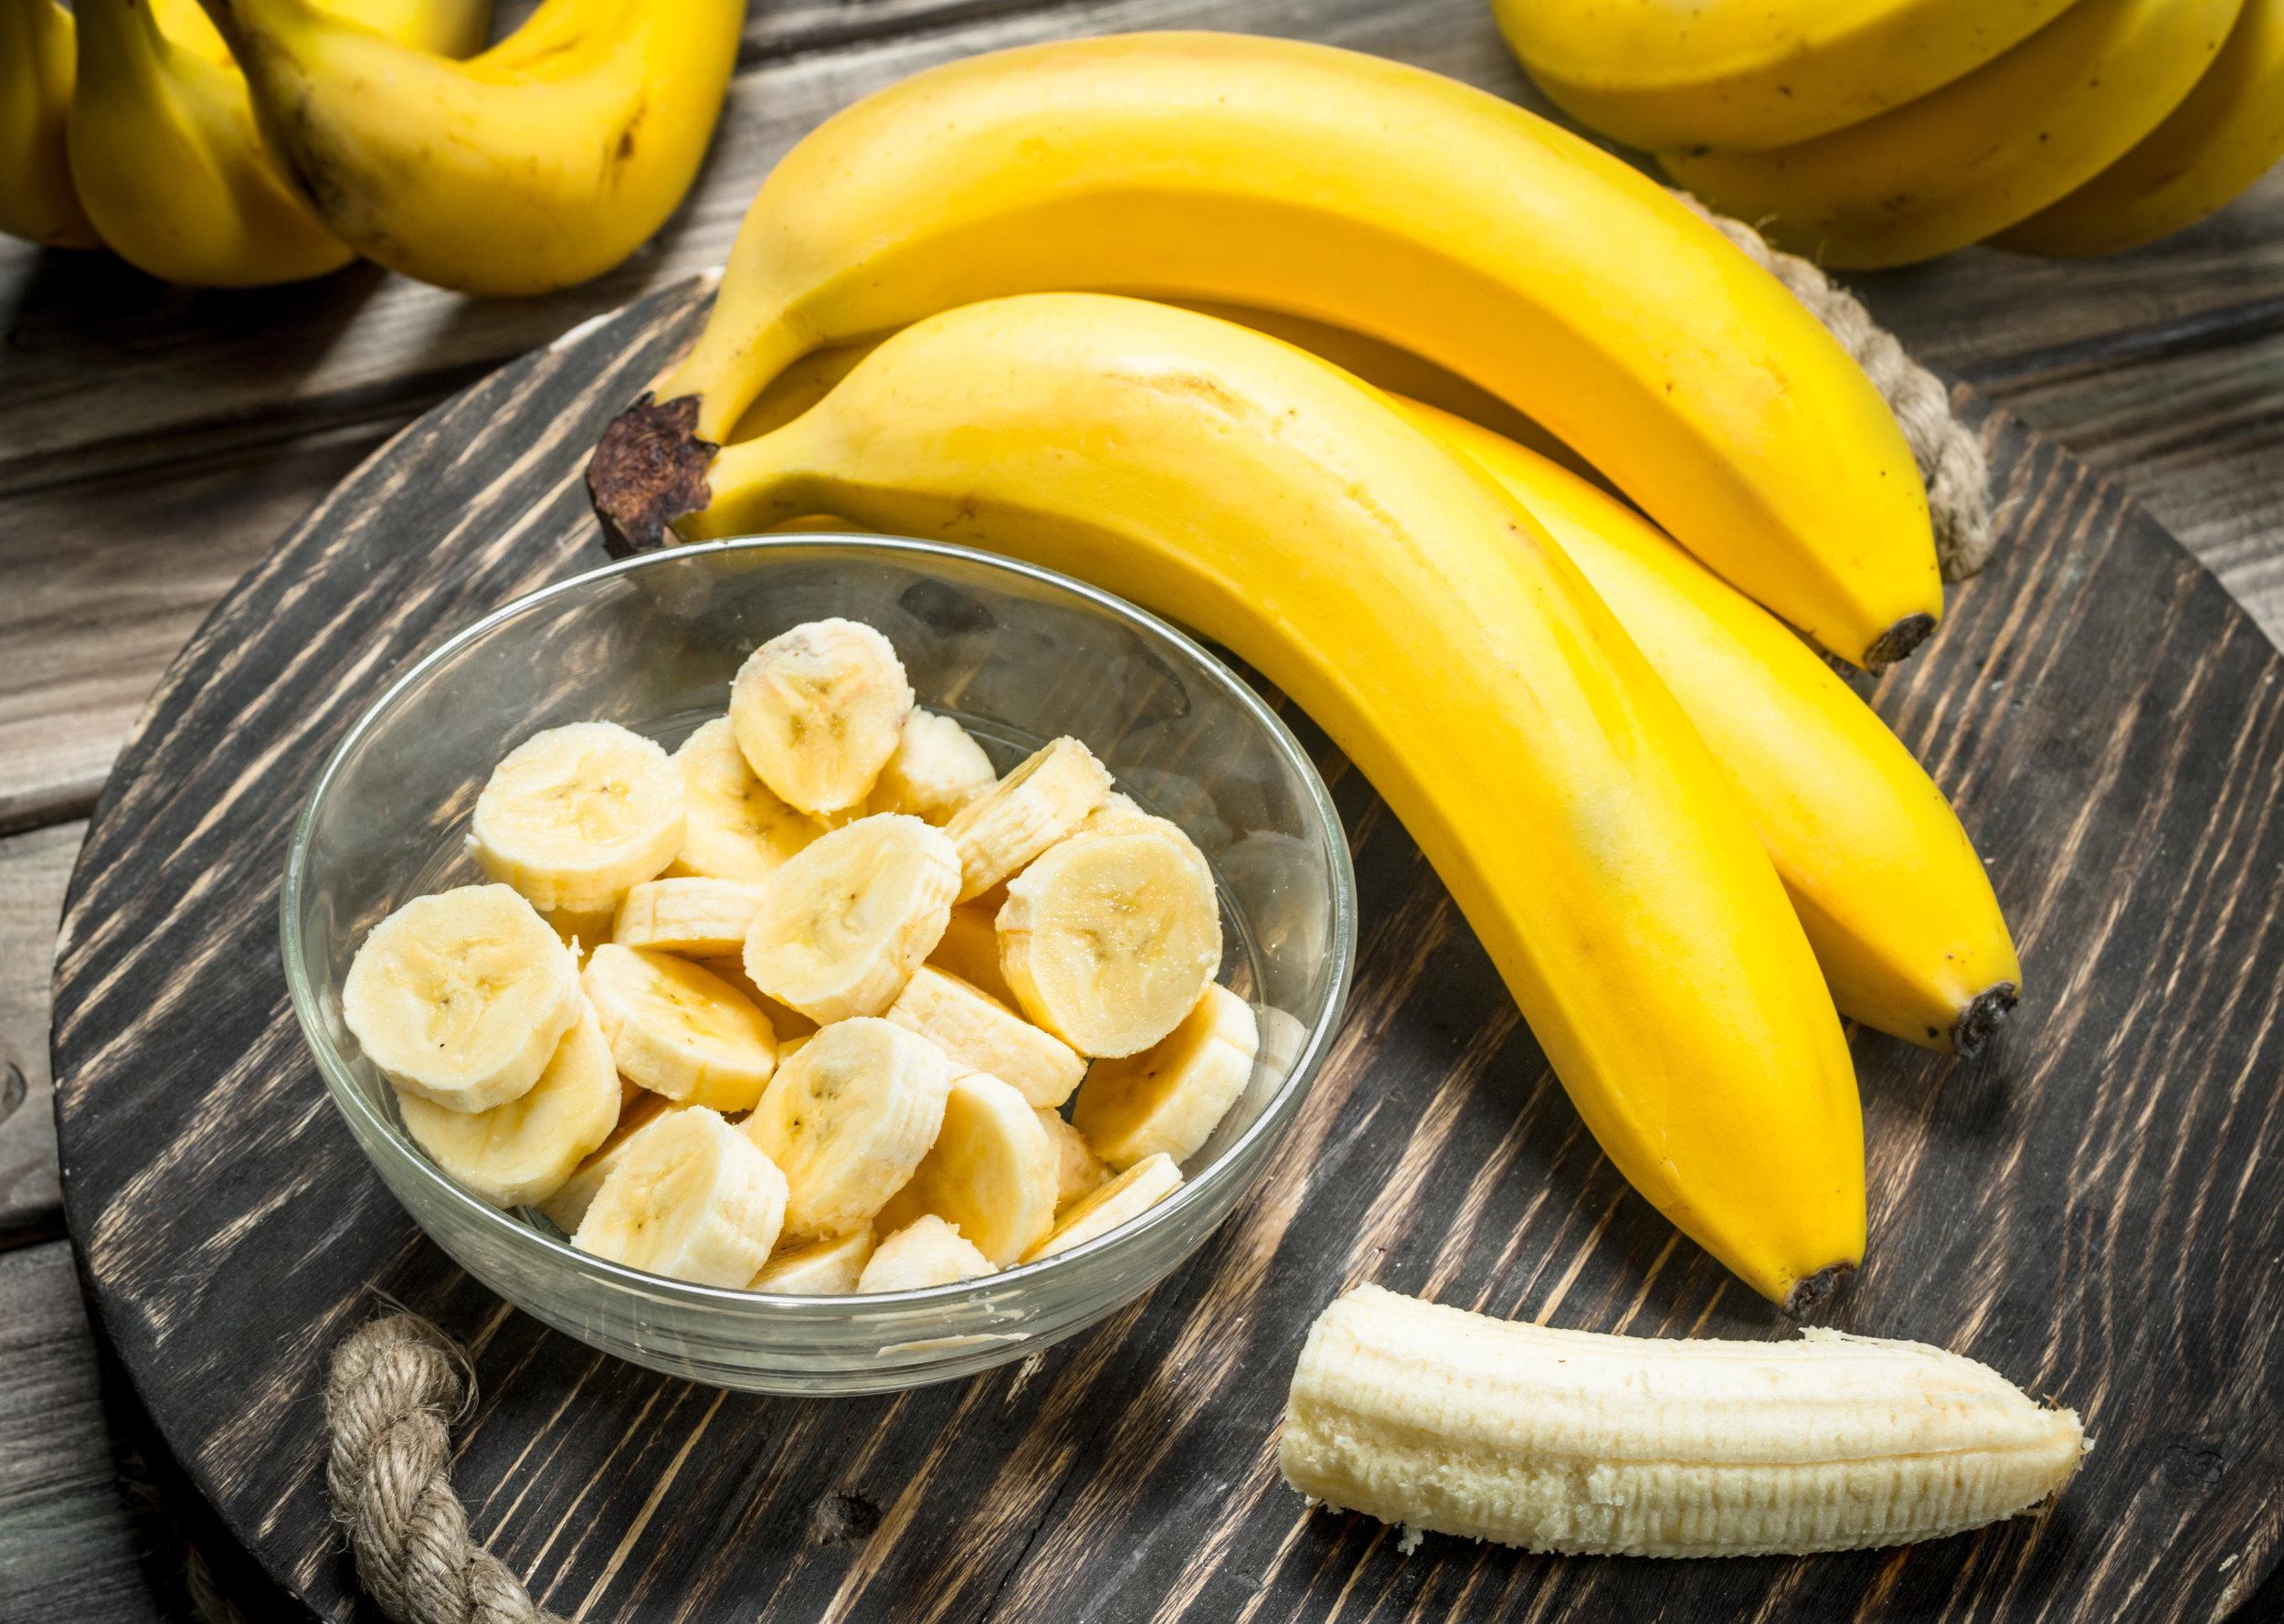 shutterstock_1337770070(Banana).jpg